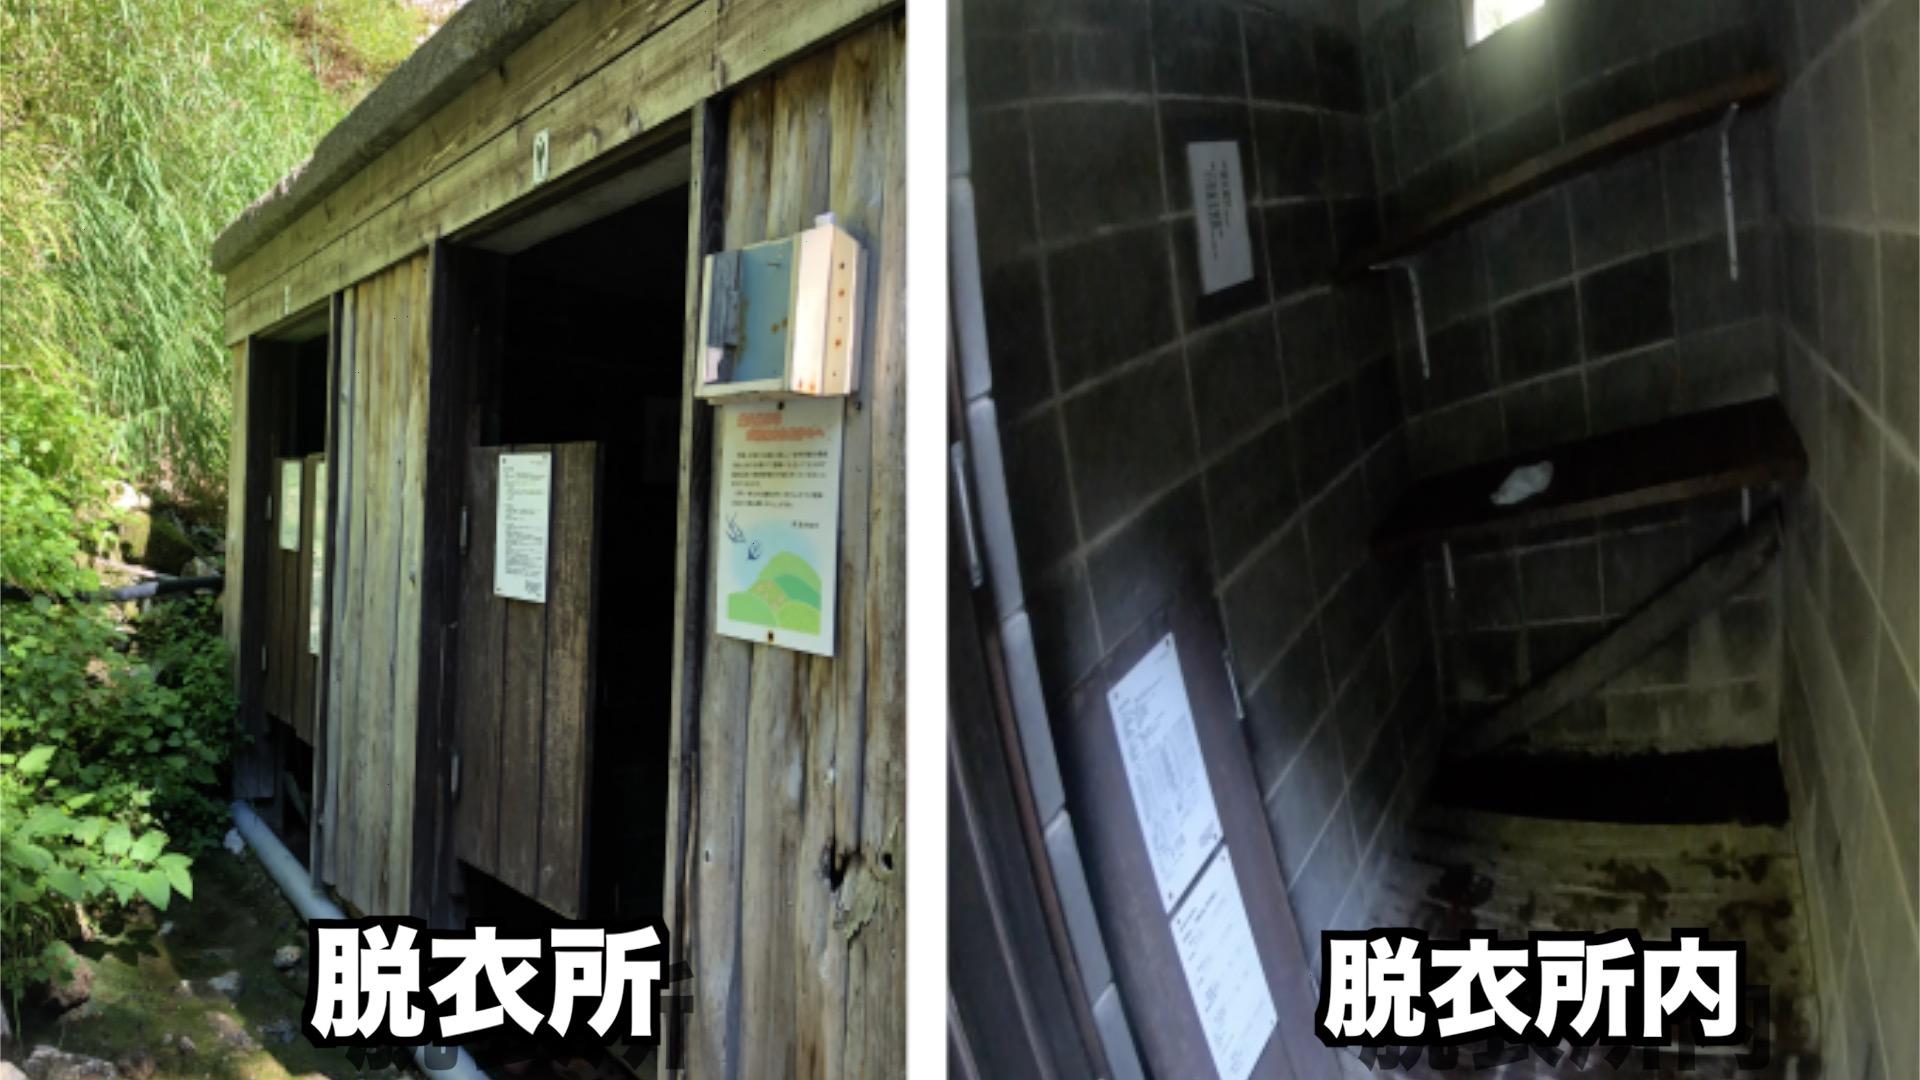 河原の湯脱衣所